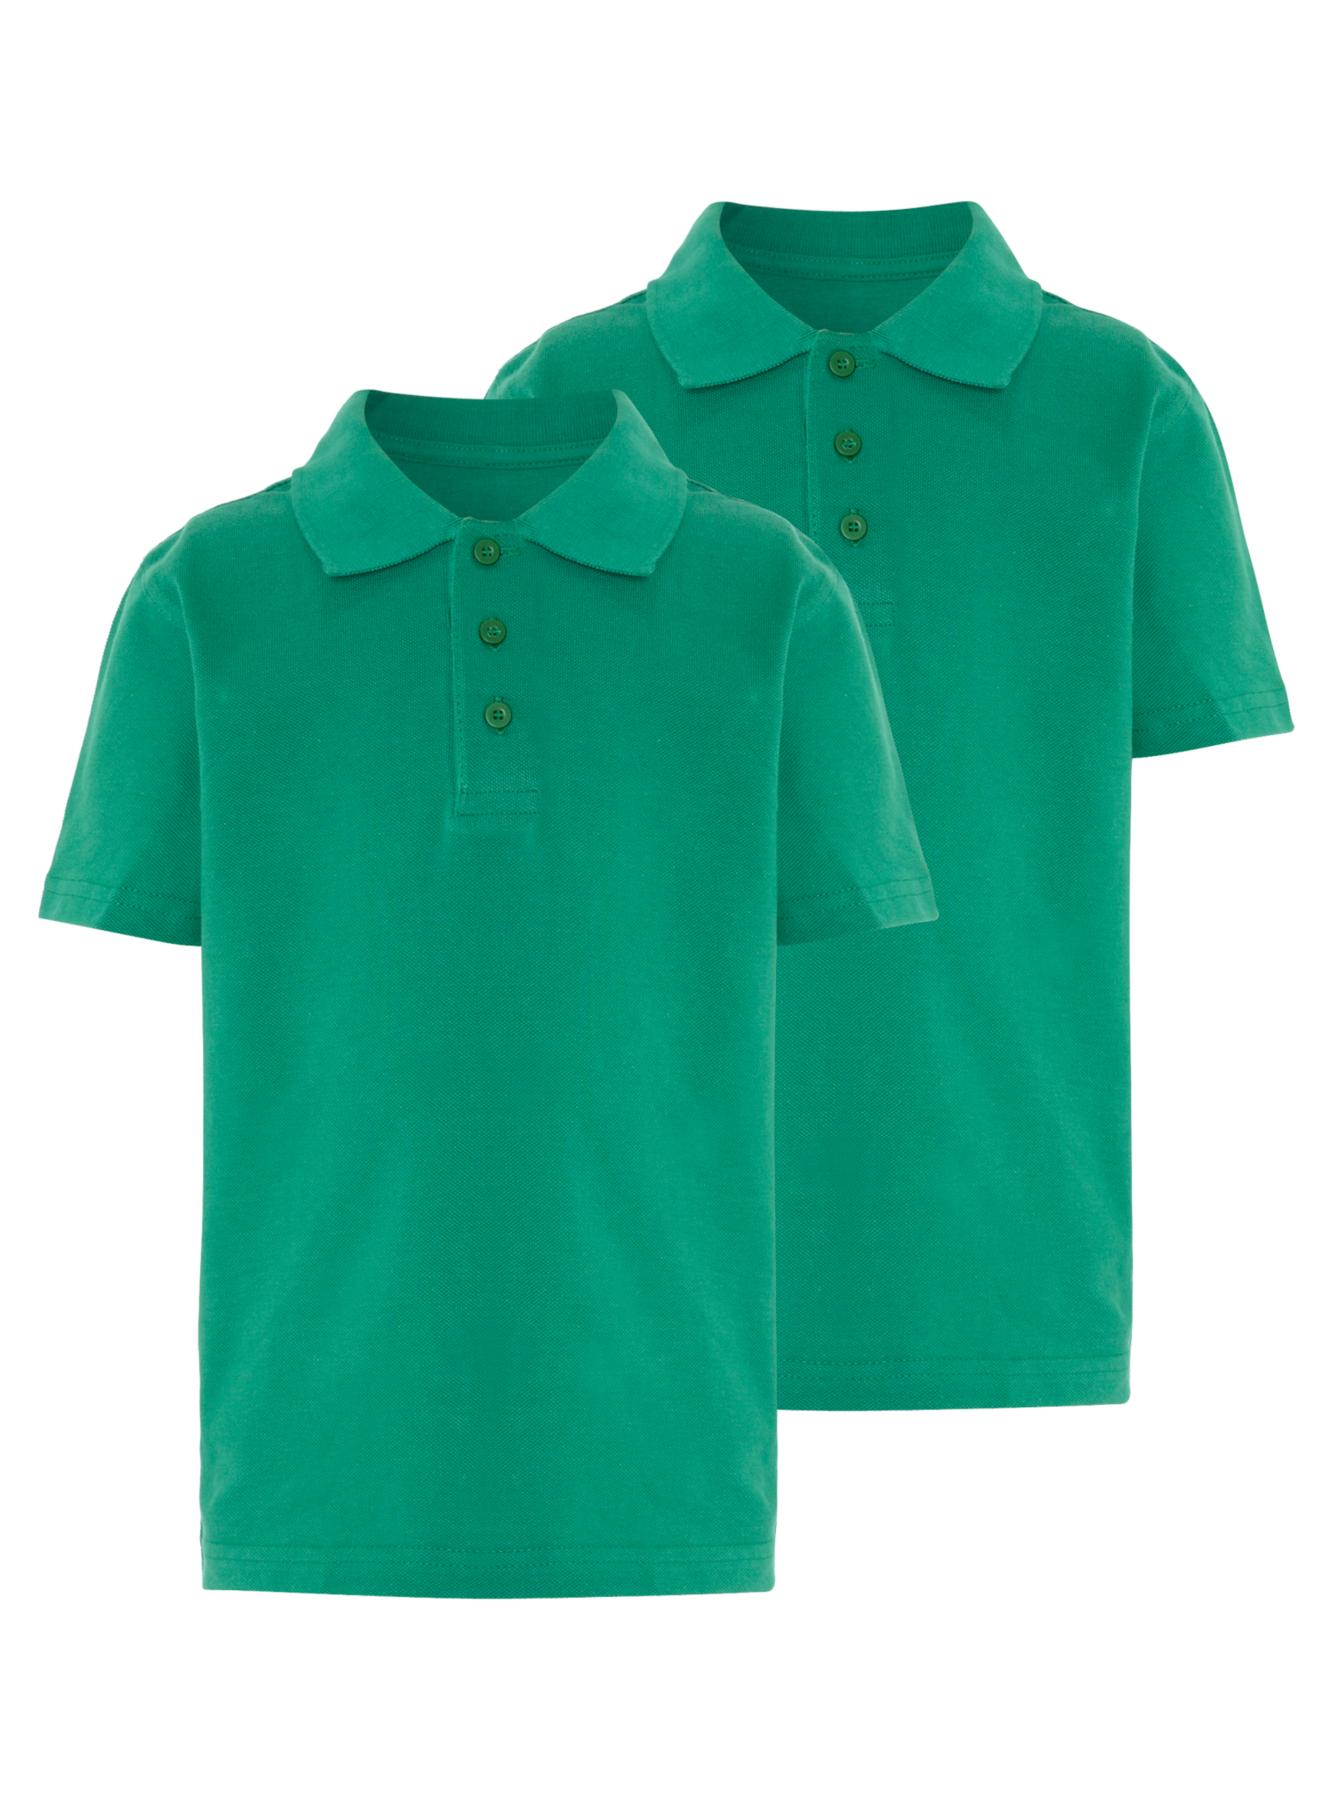 School Uniform - Asda